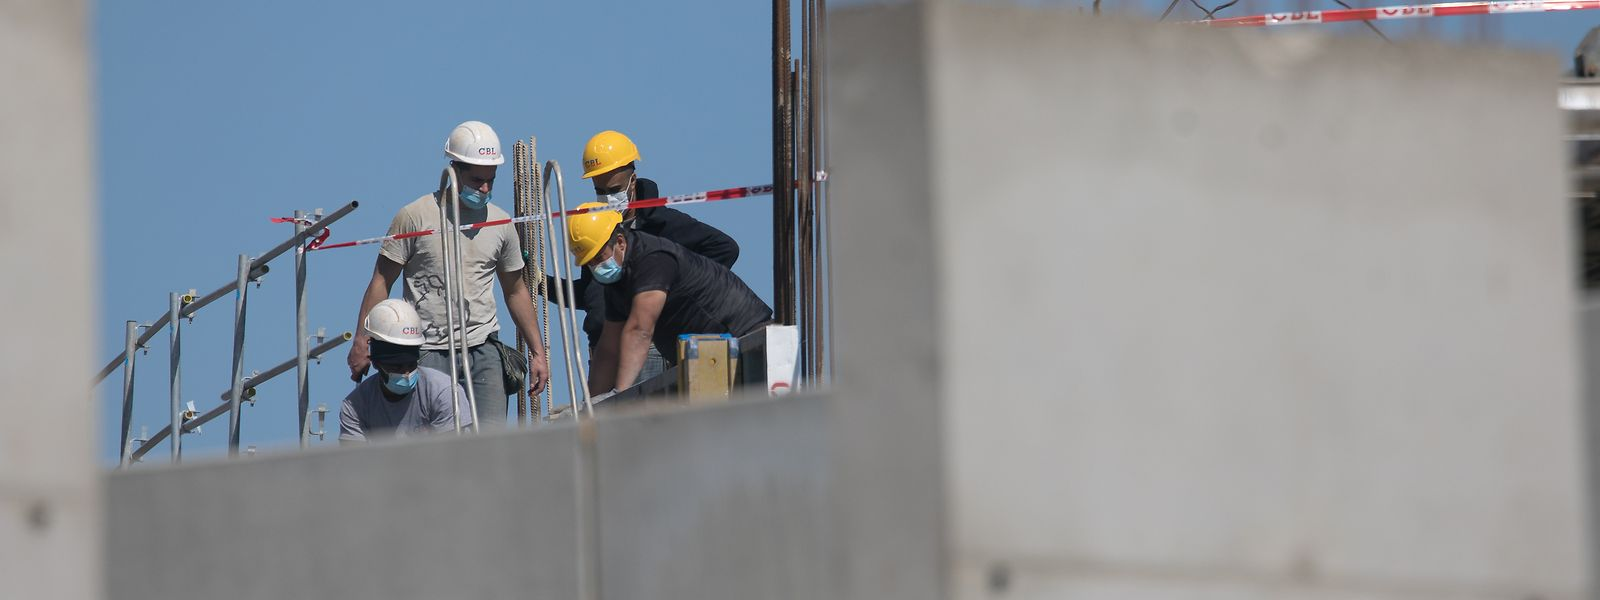 Plus de 14.000 entreprises ont fait appel au chômage partiel depuis le début de la crise.